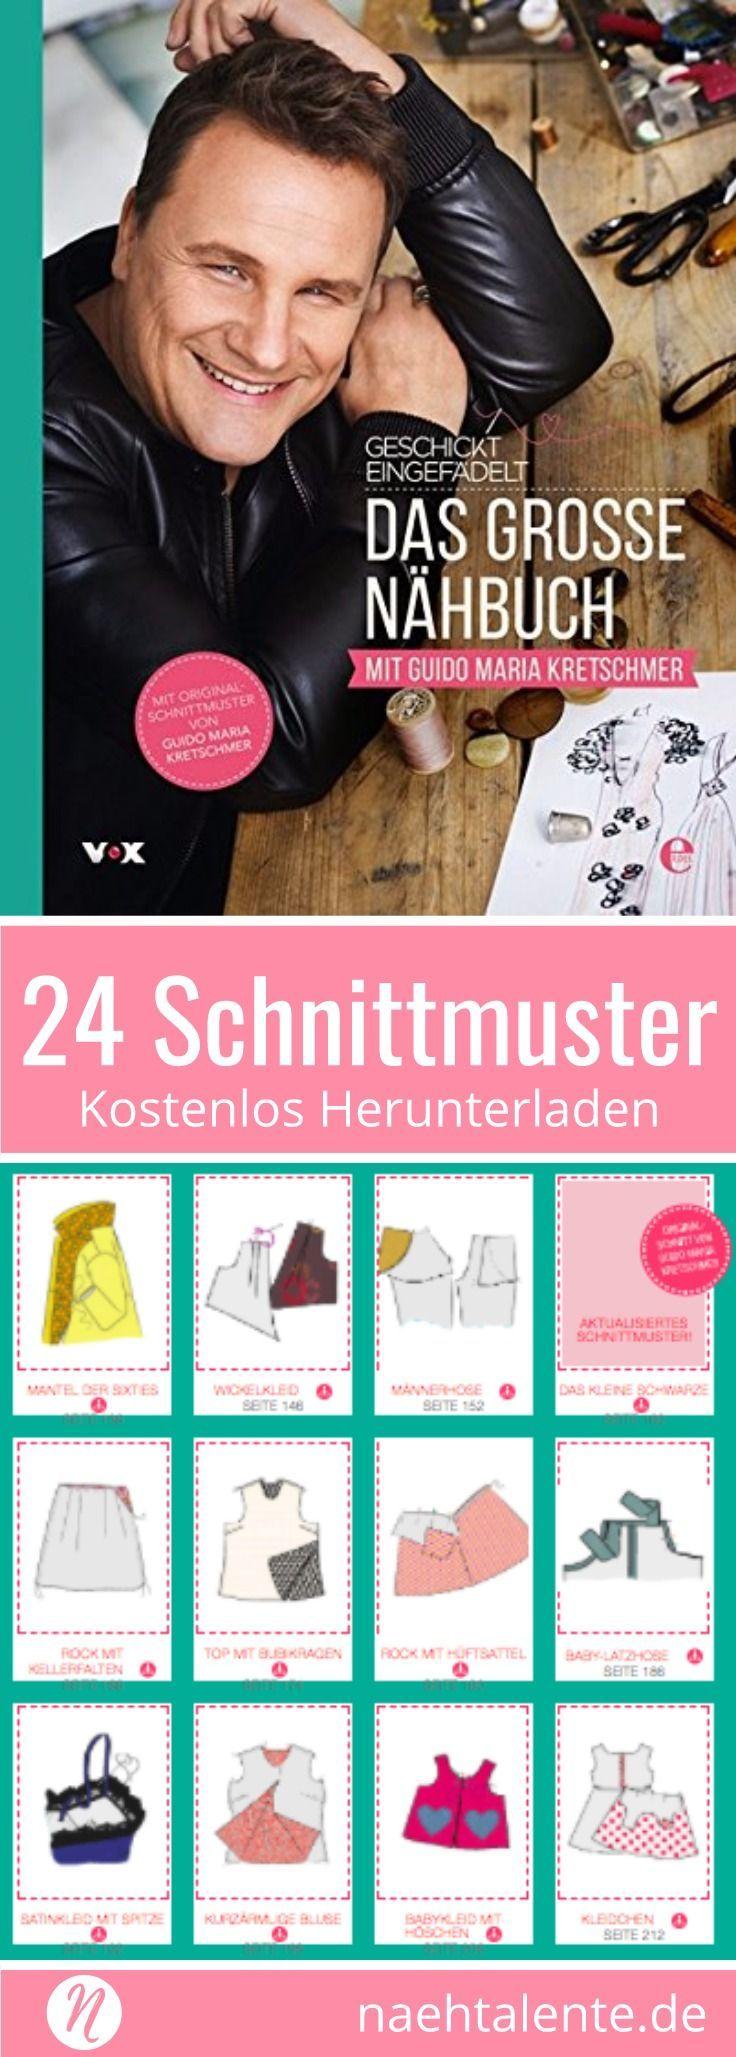 24 Schnittmuster kostenlos aus der genialen Nähshow Geschickt Eingefädelt ❤️ Näh deine Traumgarderobe mit diesen sensationellen Entwürfen ❤️ Alle Schnitte zum Ausdrucken zuhause ❤️ Geschickt eingefädelt: Das große Nähbuch von Guido Maria Kretschmer ❤️ Alle Schnittmuster aus Buch und Show ❤️ ✂️ Nähtalente.de ✂️ #nähen #freebook #schnittmuster #gratis #nähenmachtglücklich #freesewingpattern #handmade #diy